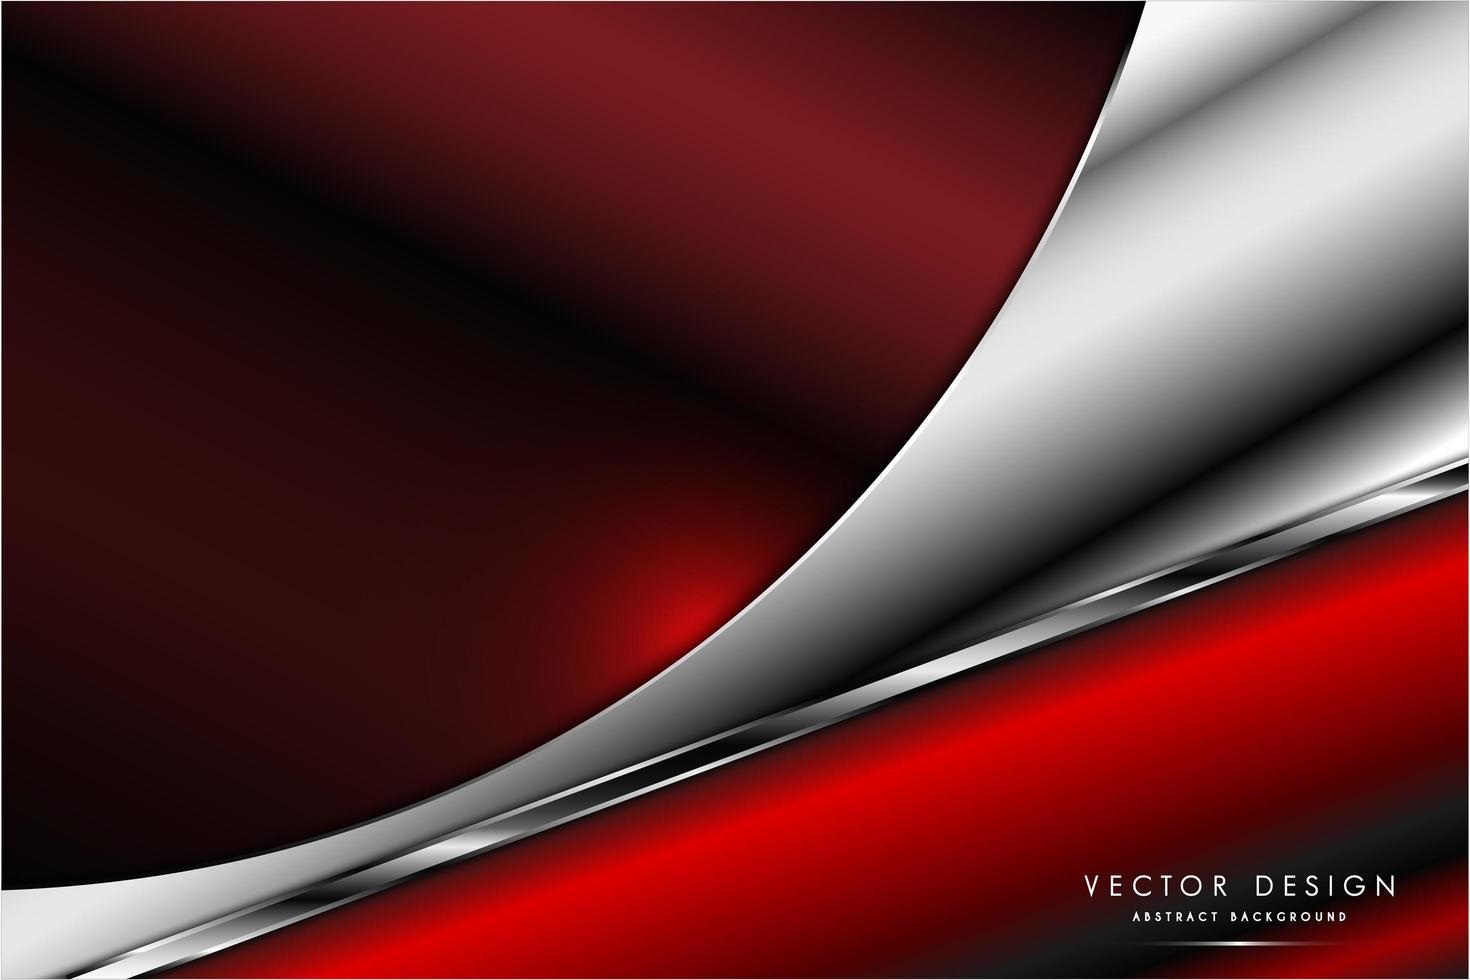 metallic rood en zilver dynamisch gebogen ontwerp vector